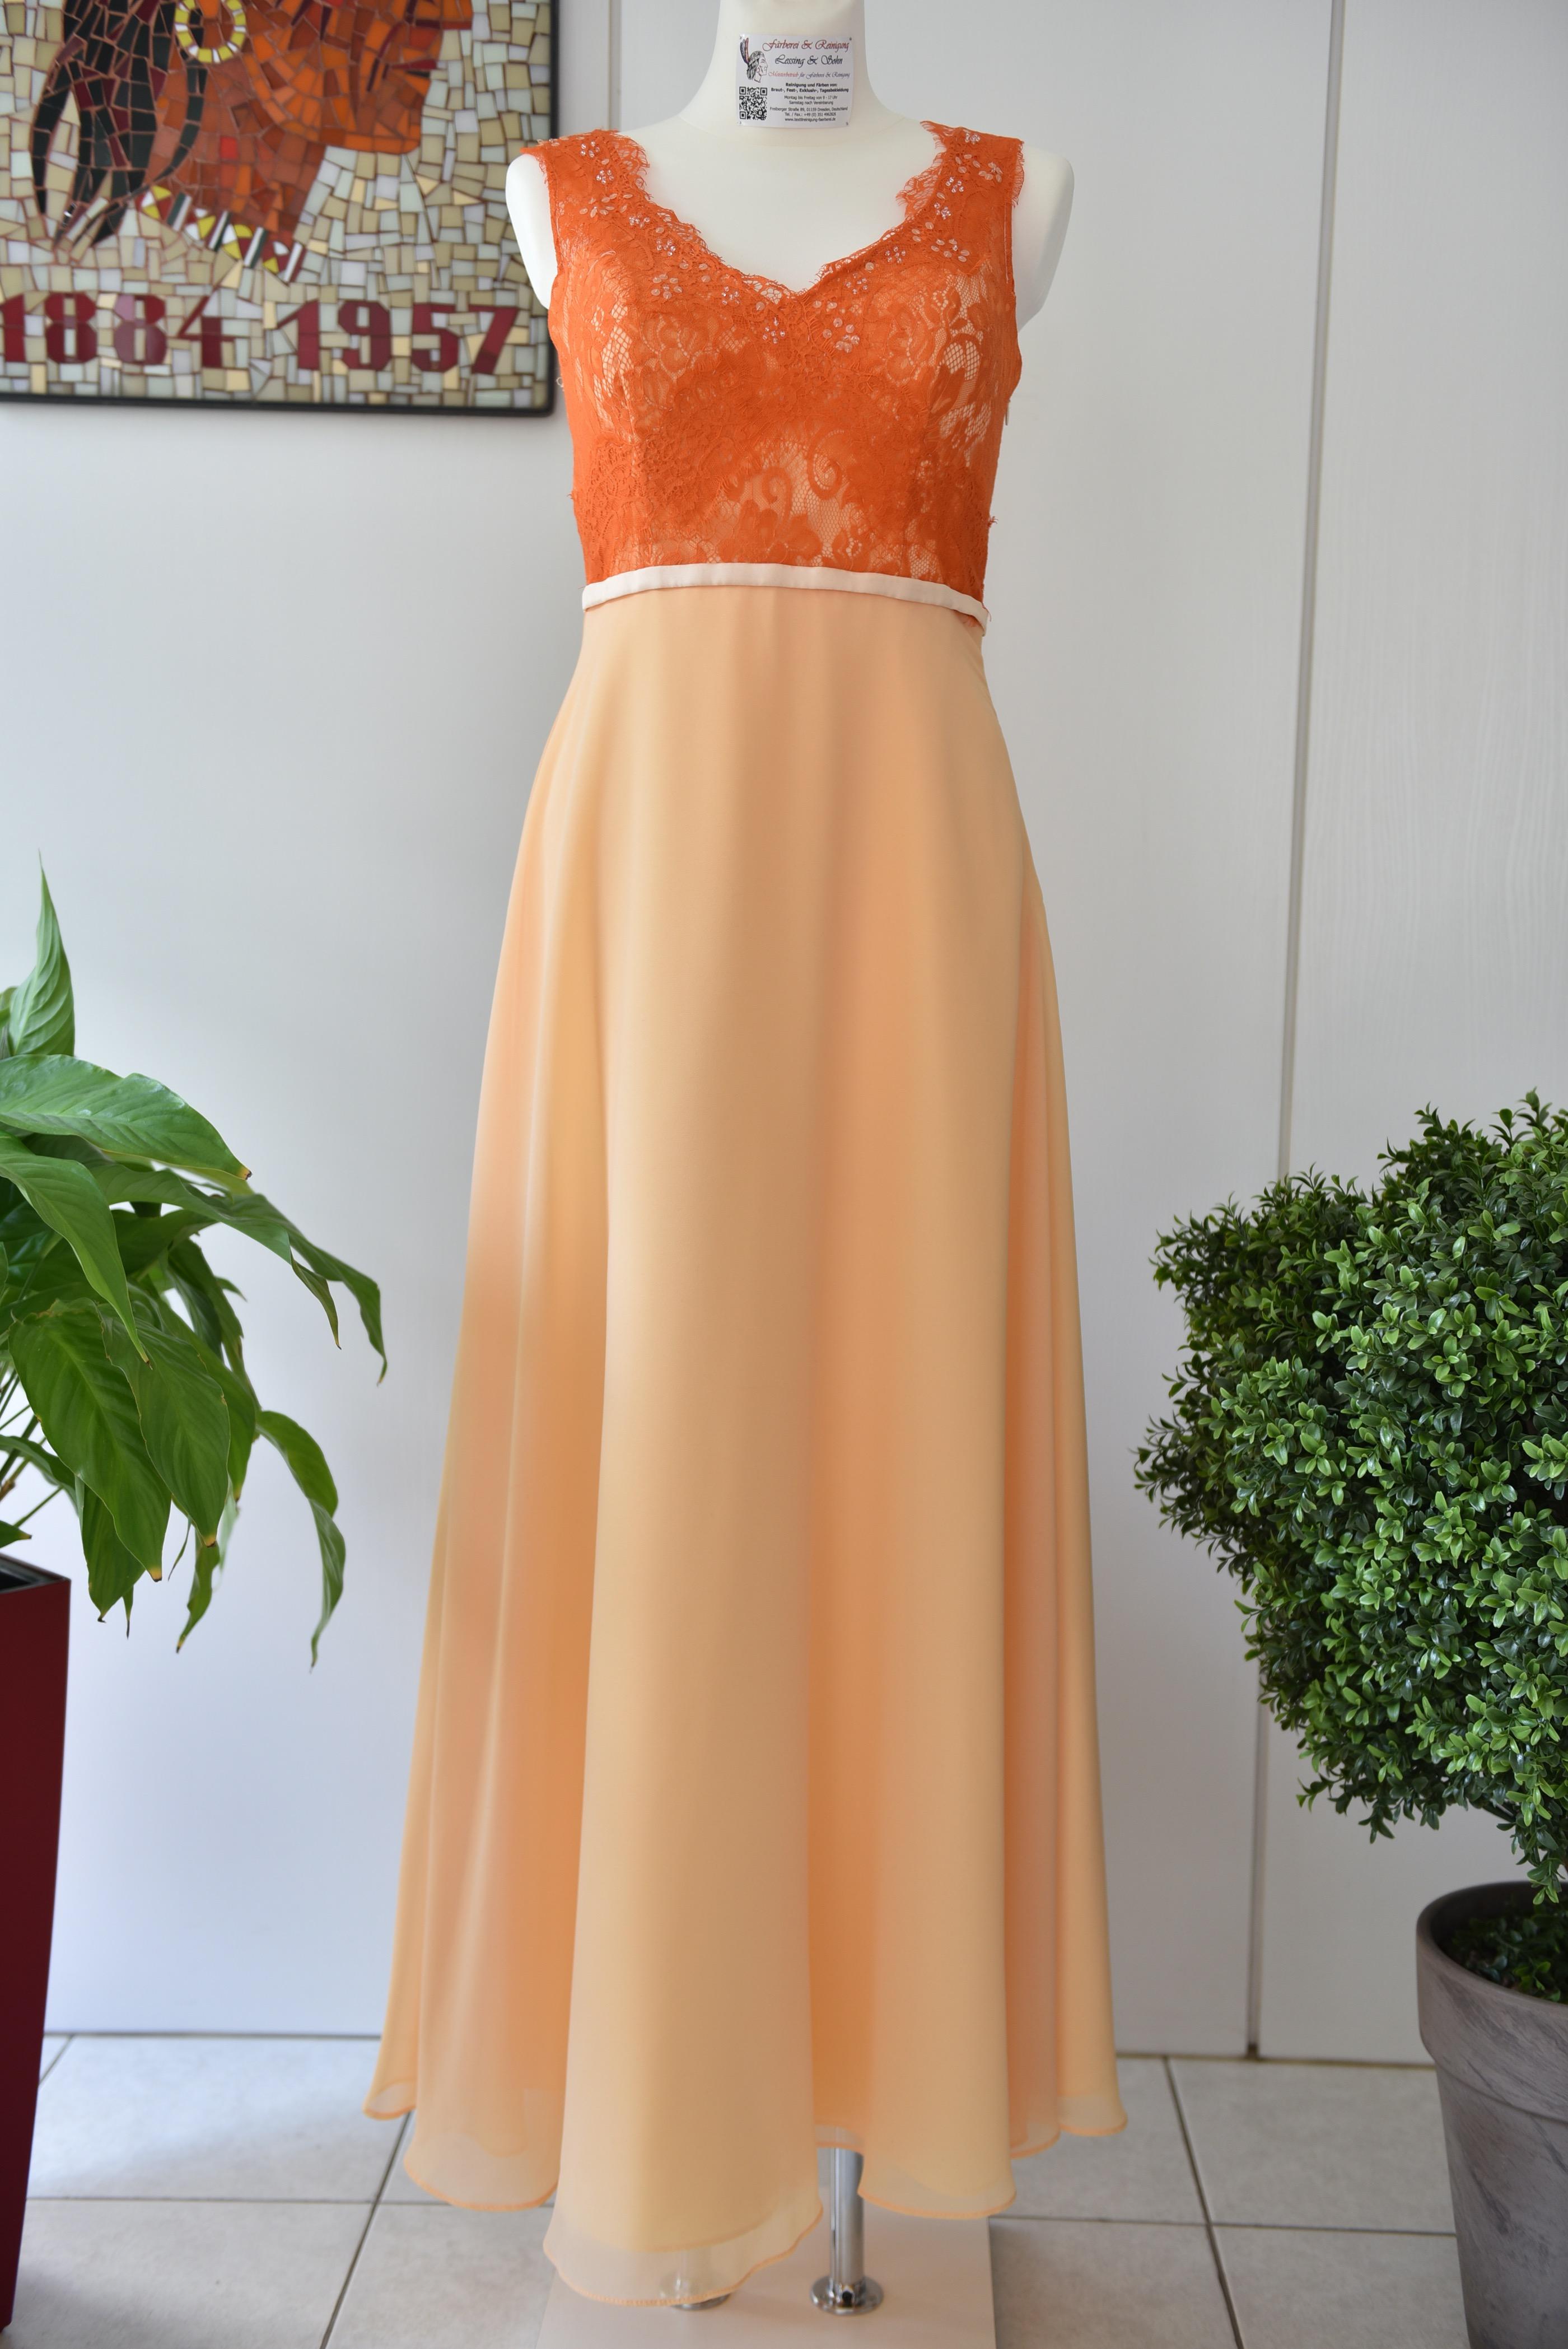 Brautkleid Reinigung Kosten | Brautkleid Farben Orange Farberei Und Reinigung Lessing